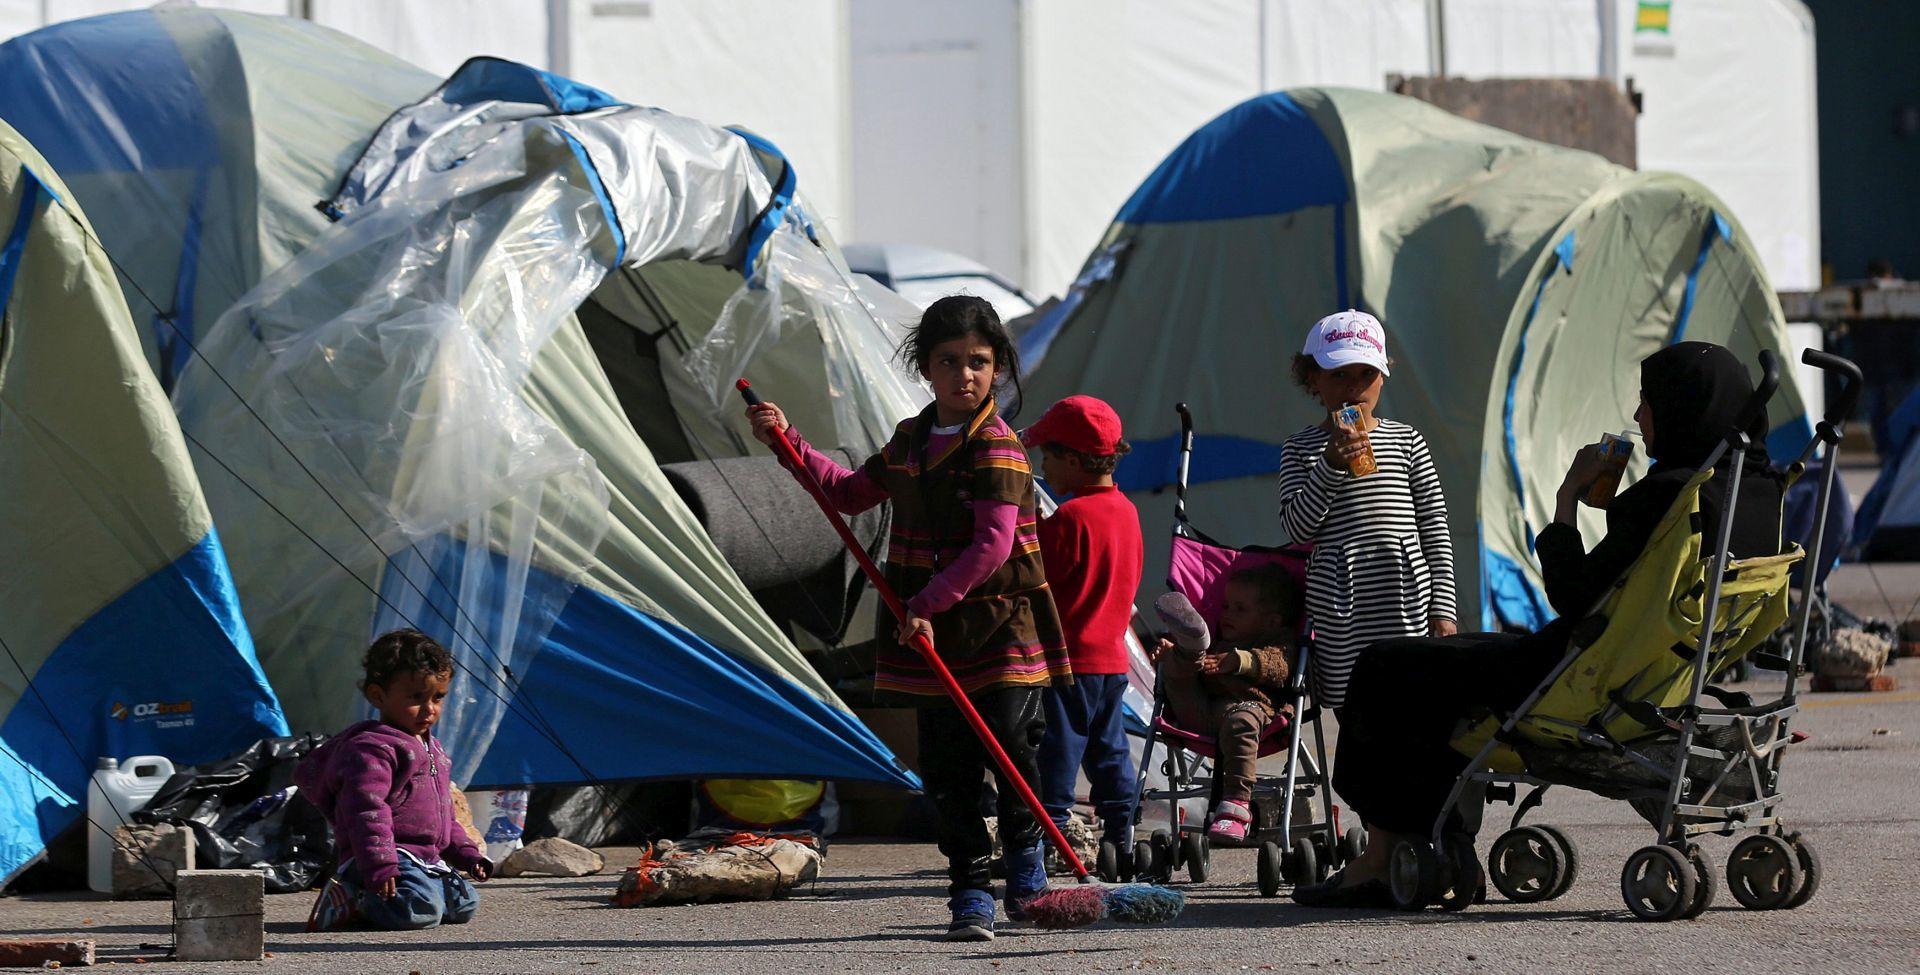 MIGRANTSKI VAL: EU se o migrantima treba dogovoriti i sa sjevernoafričkim zemljama